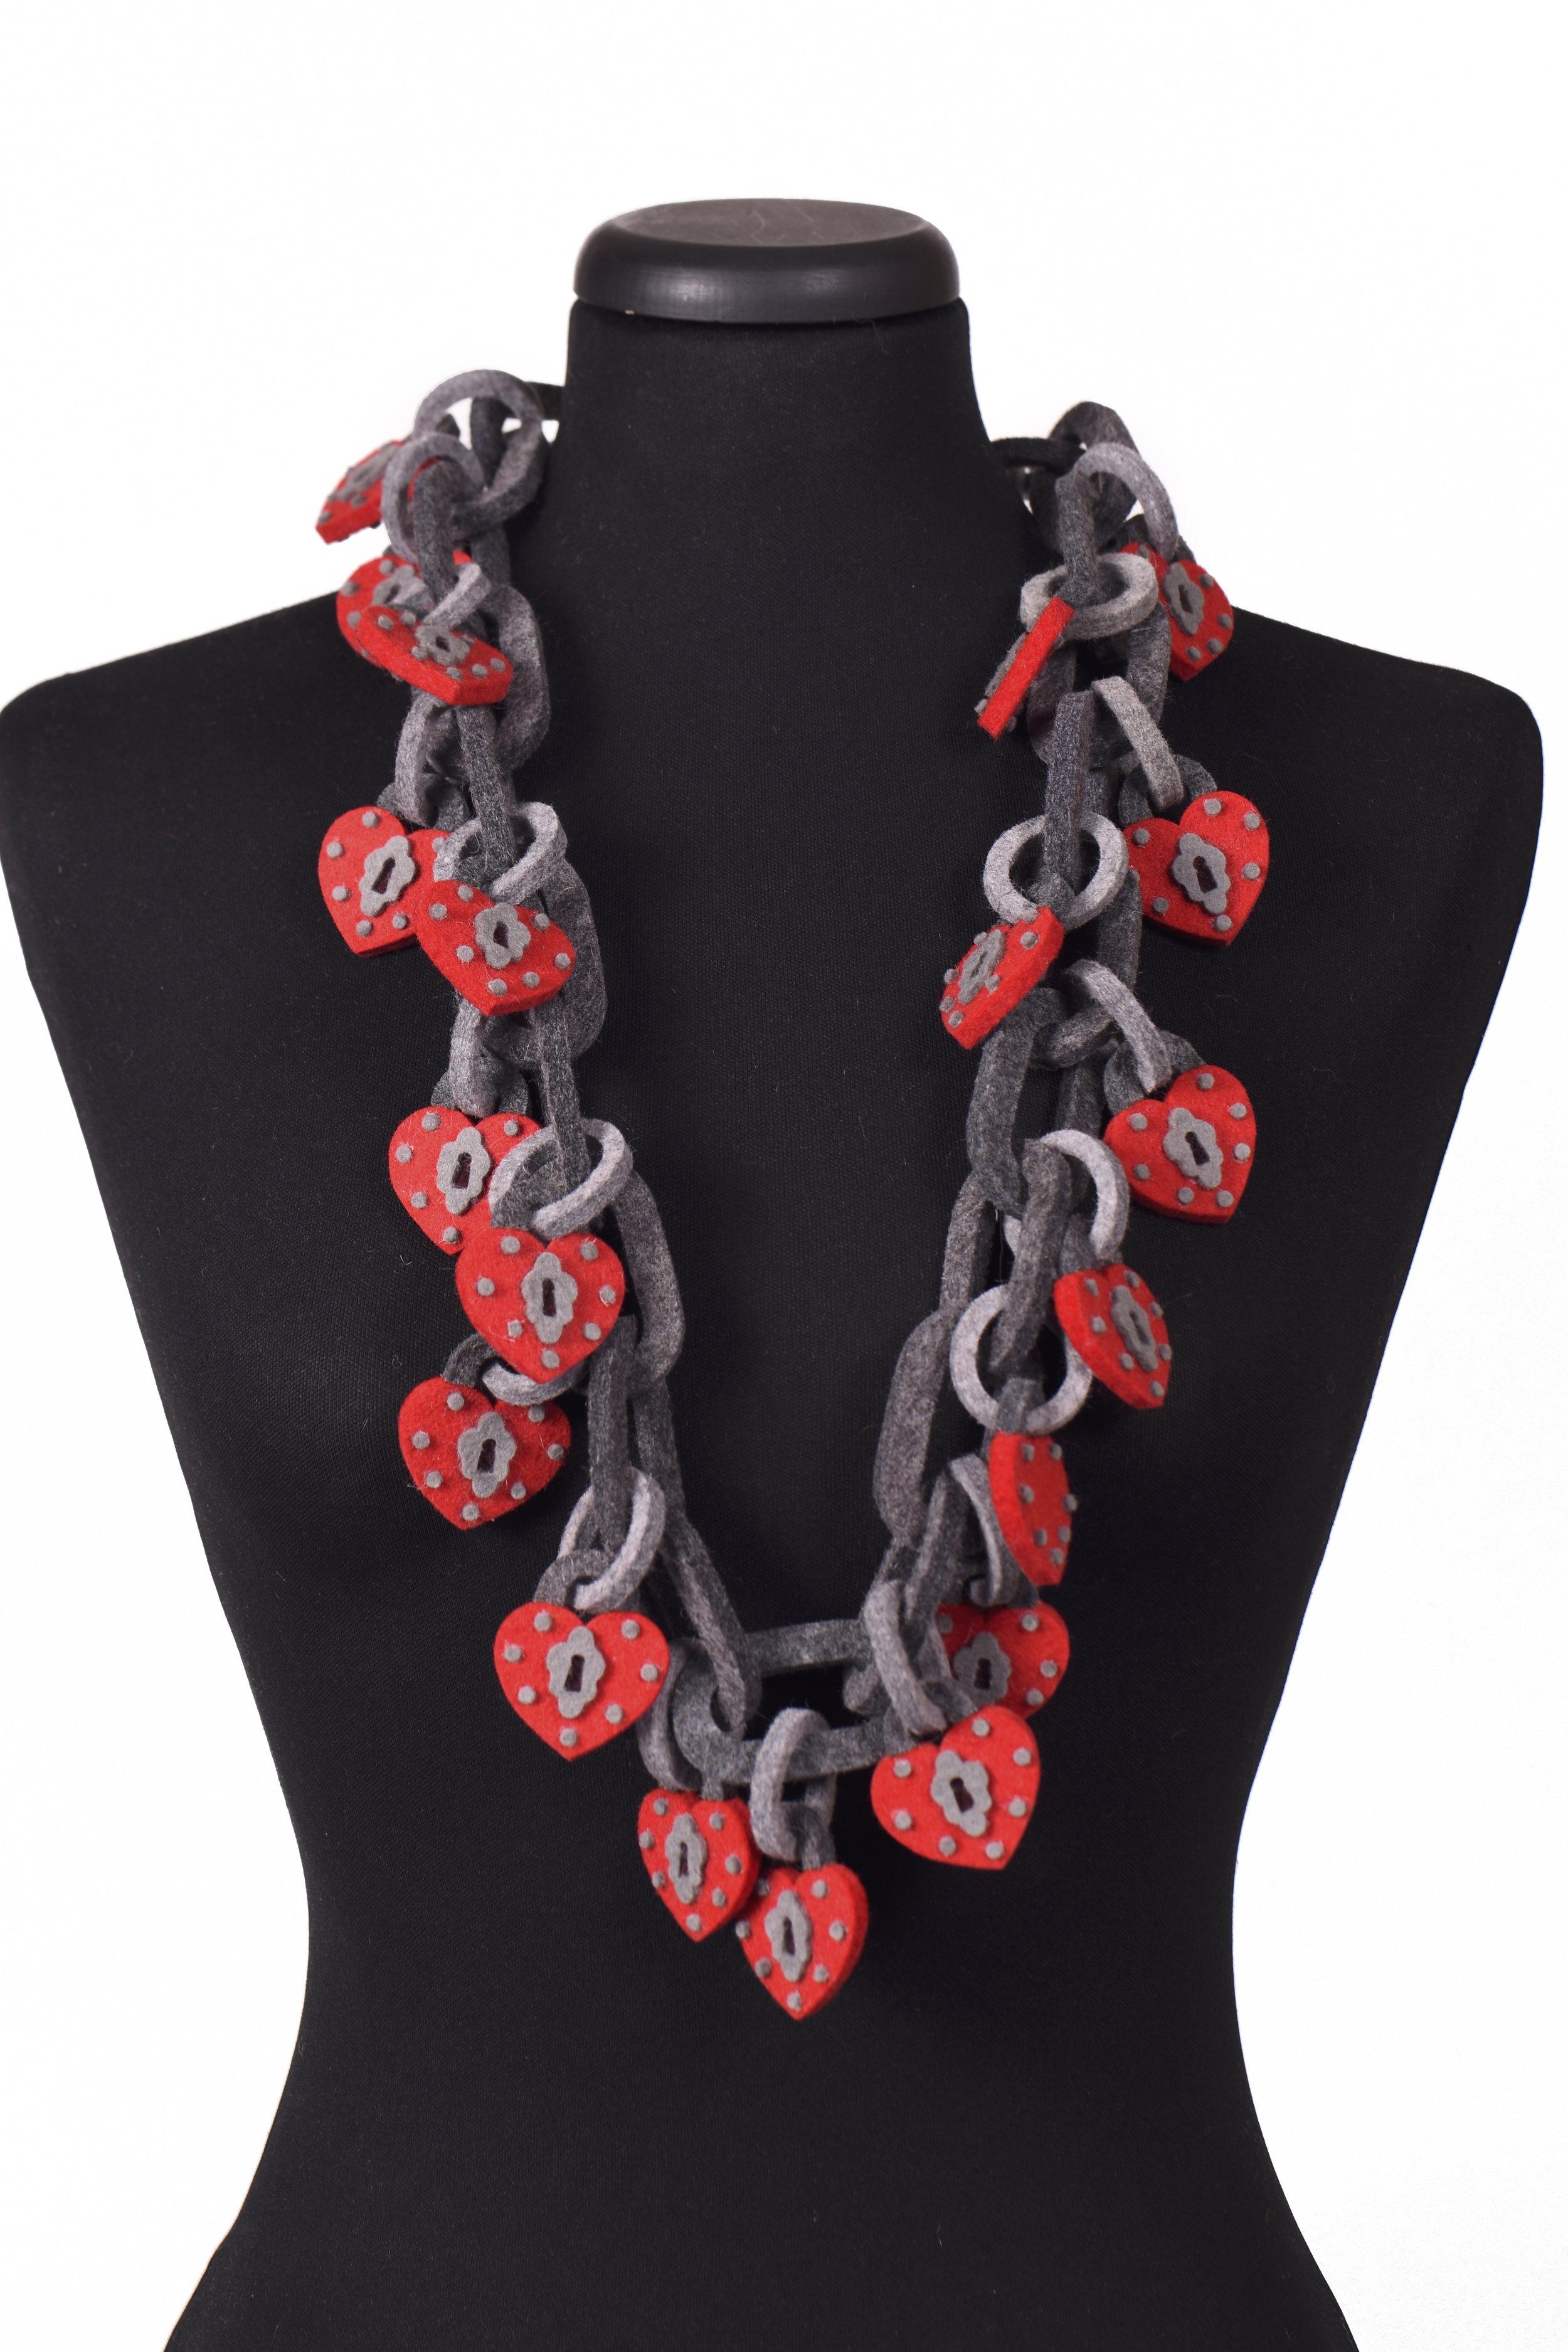 locks chain necklace.jpg